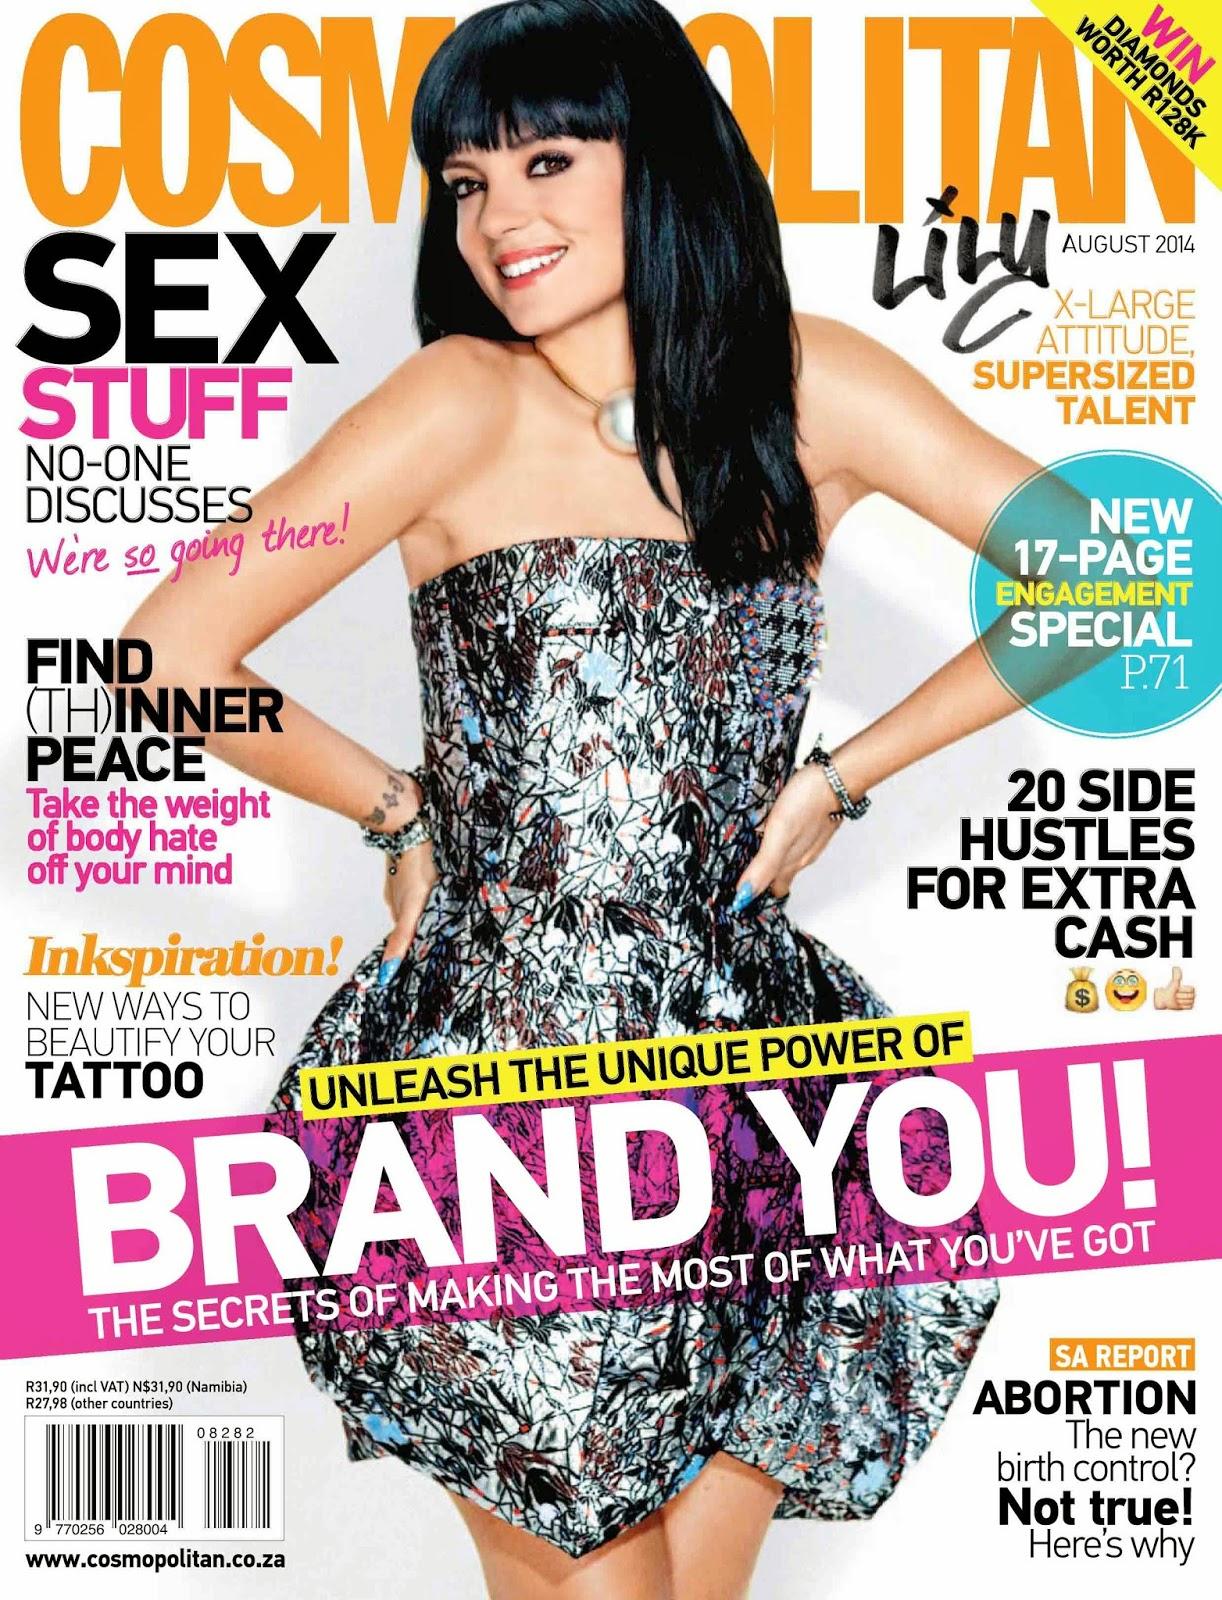 Lily+Allen+-+Cosmopolitan+Magazine,+South+Africa,+August+2014.jpg